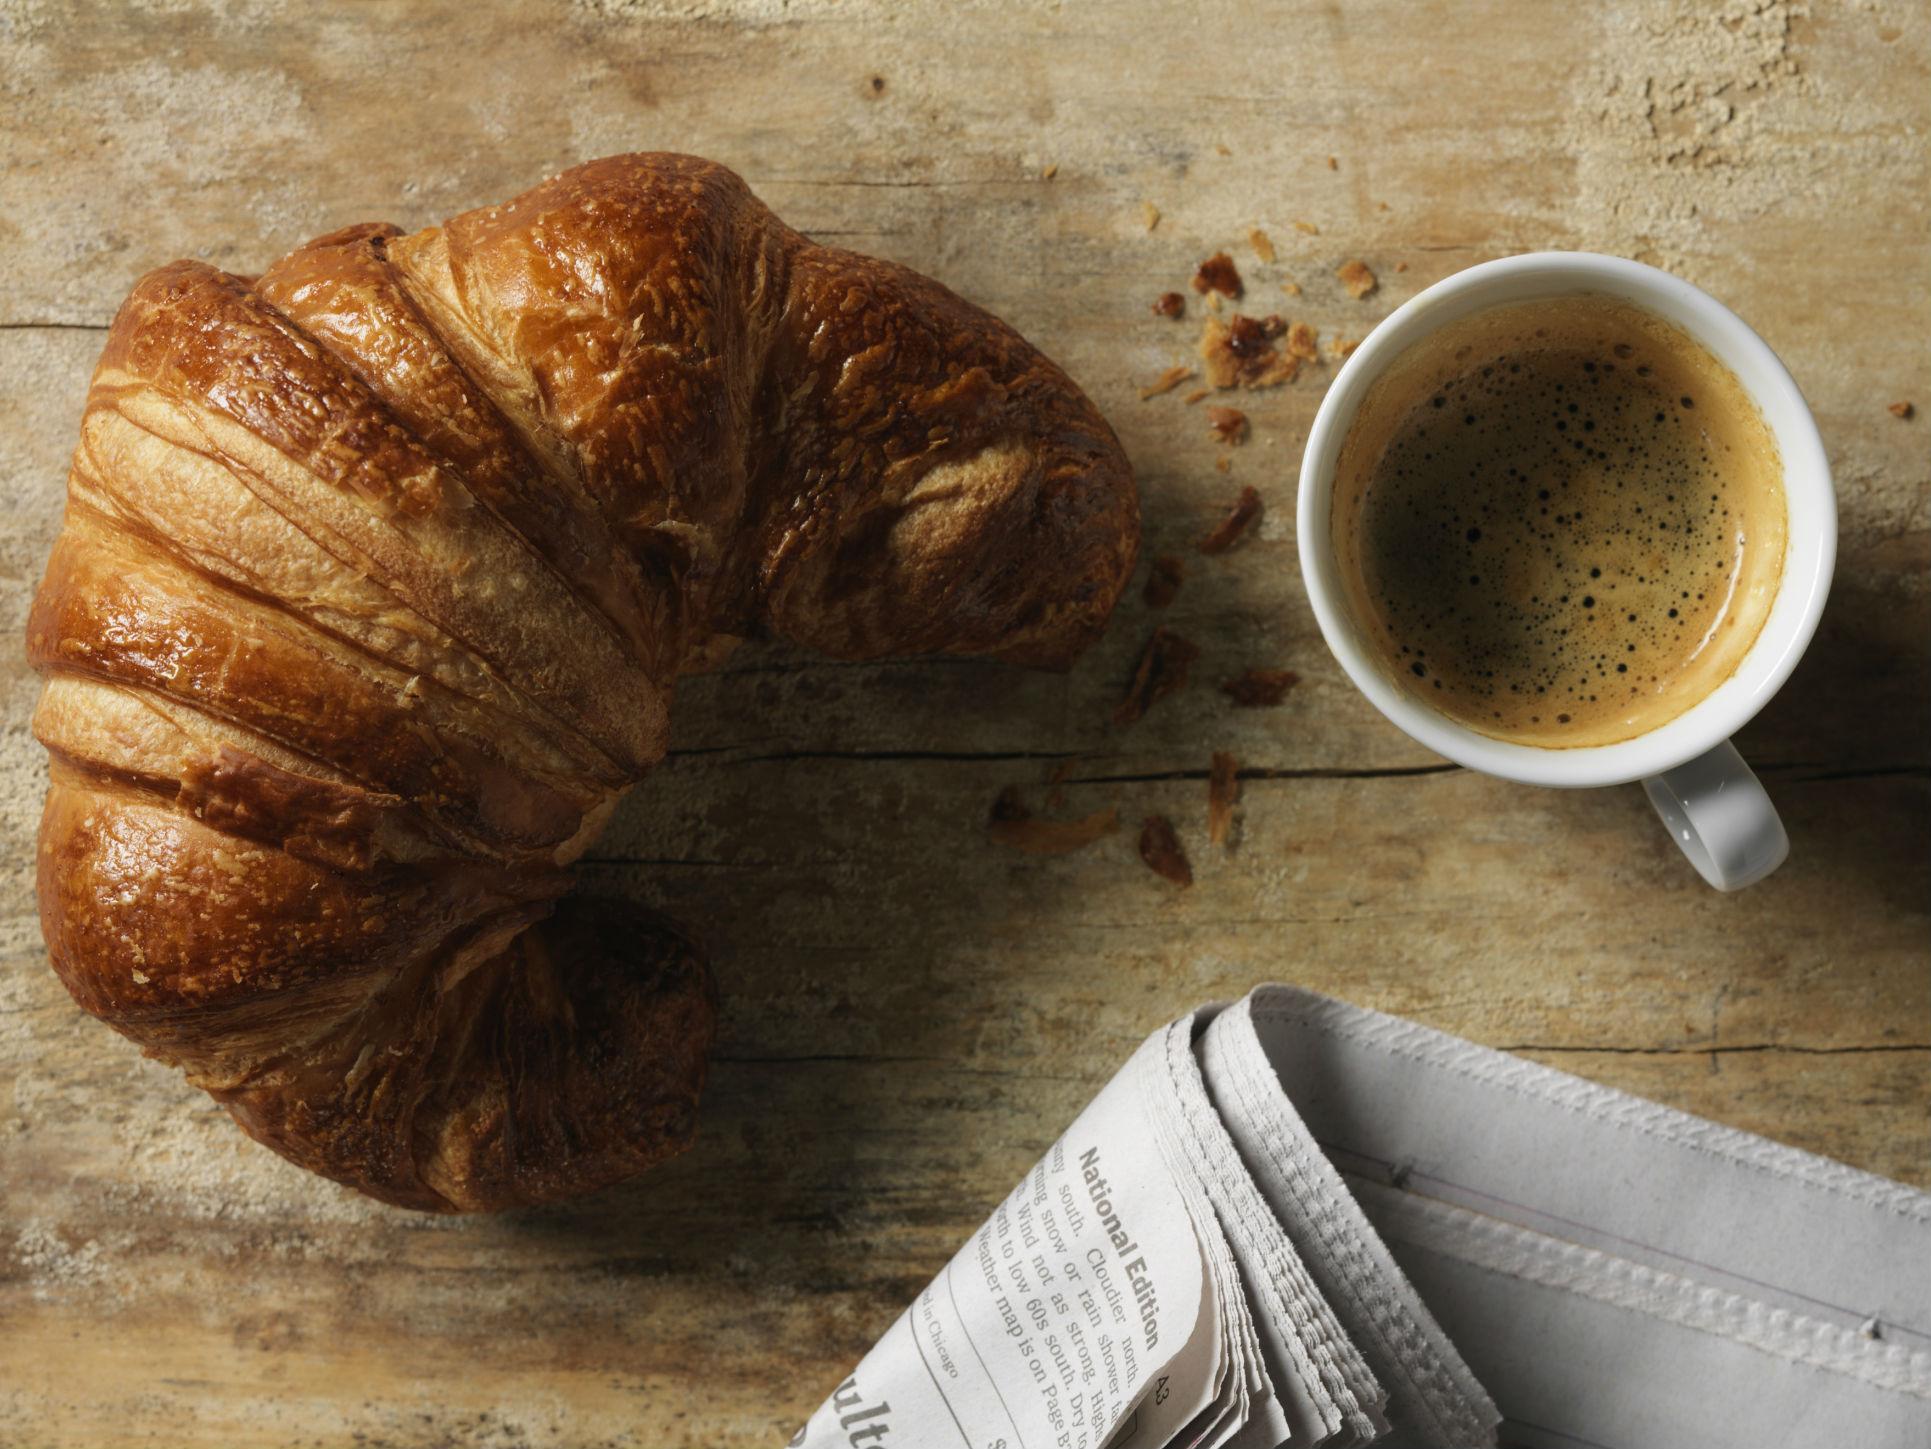 Les-Francais-boudent-le-petit-dejeuner-sauf-le-week-end-_-1442773606.jpg